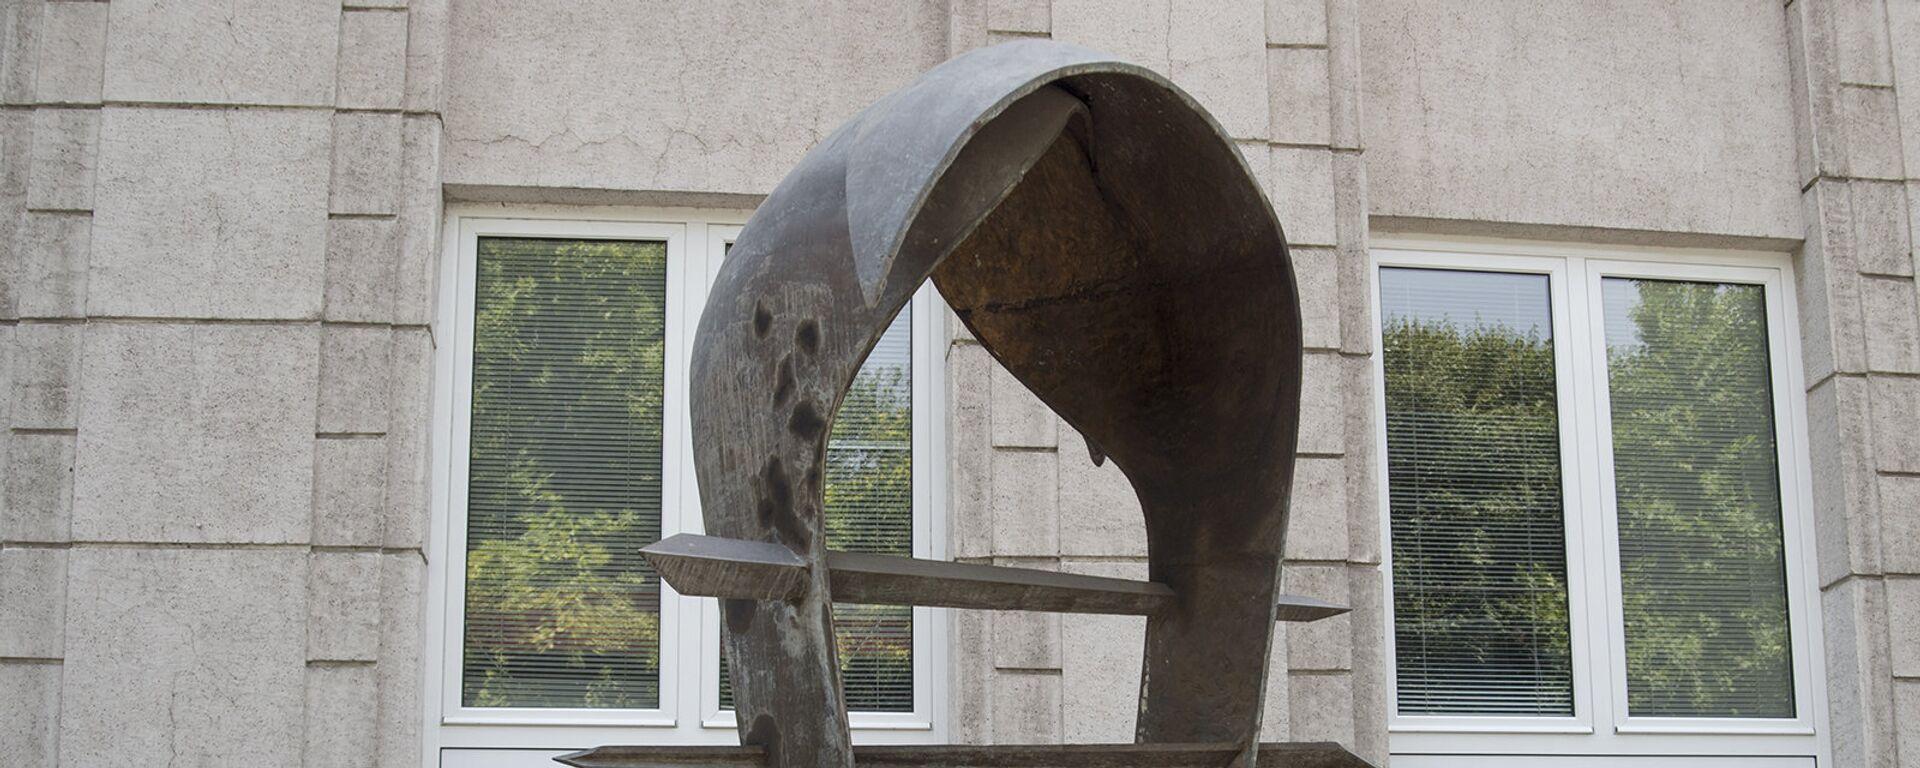 Памятник армянскому драму напротив здания Центробанка - Sputnik Արմենիա, 1920, 18.01.2021